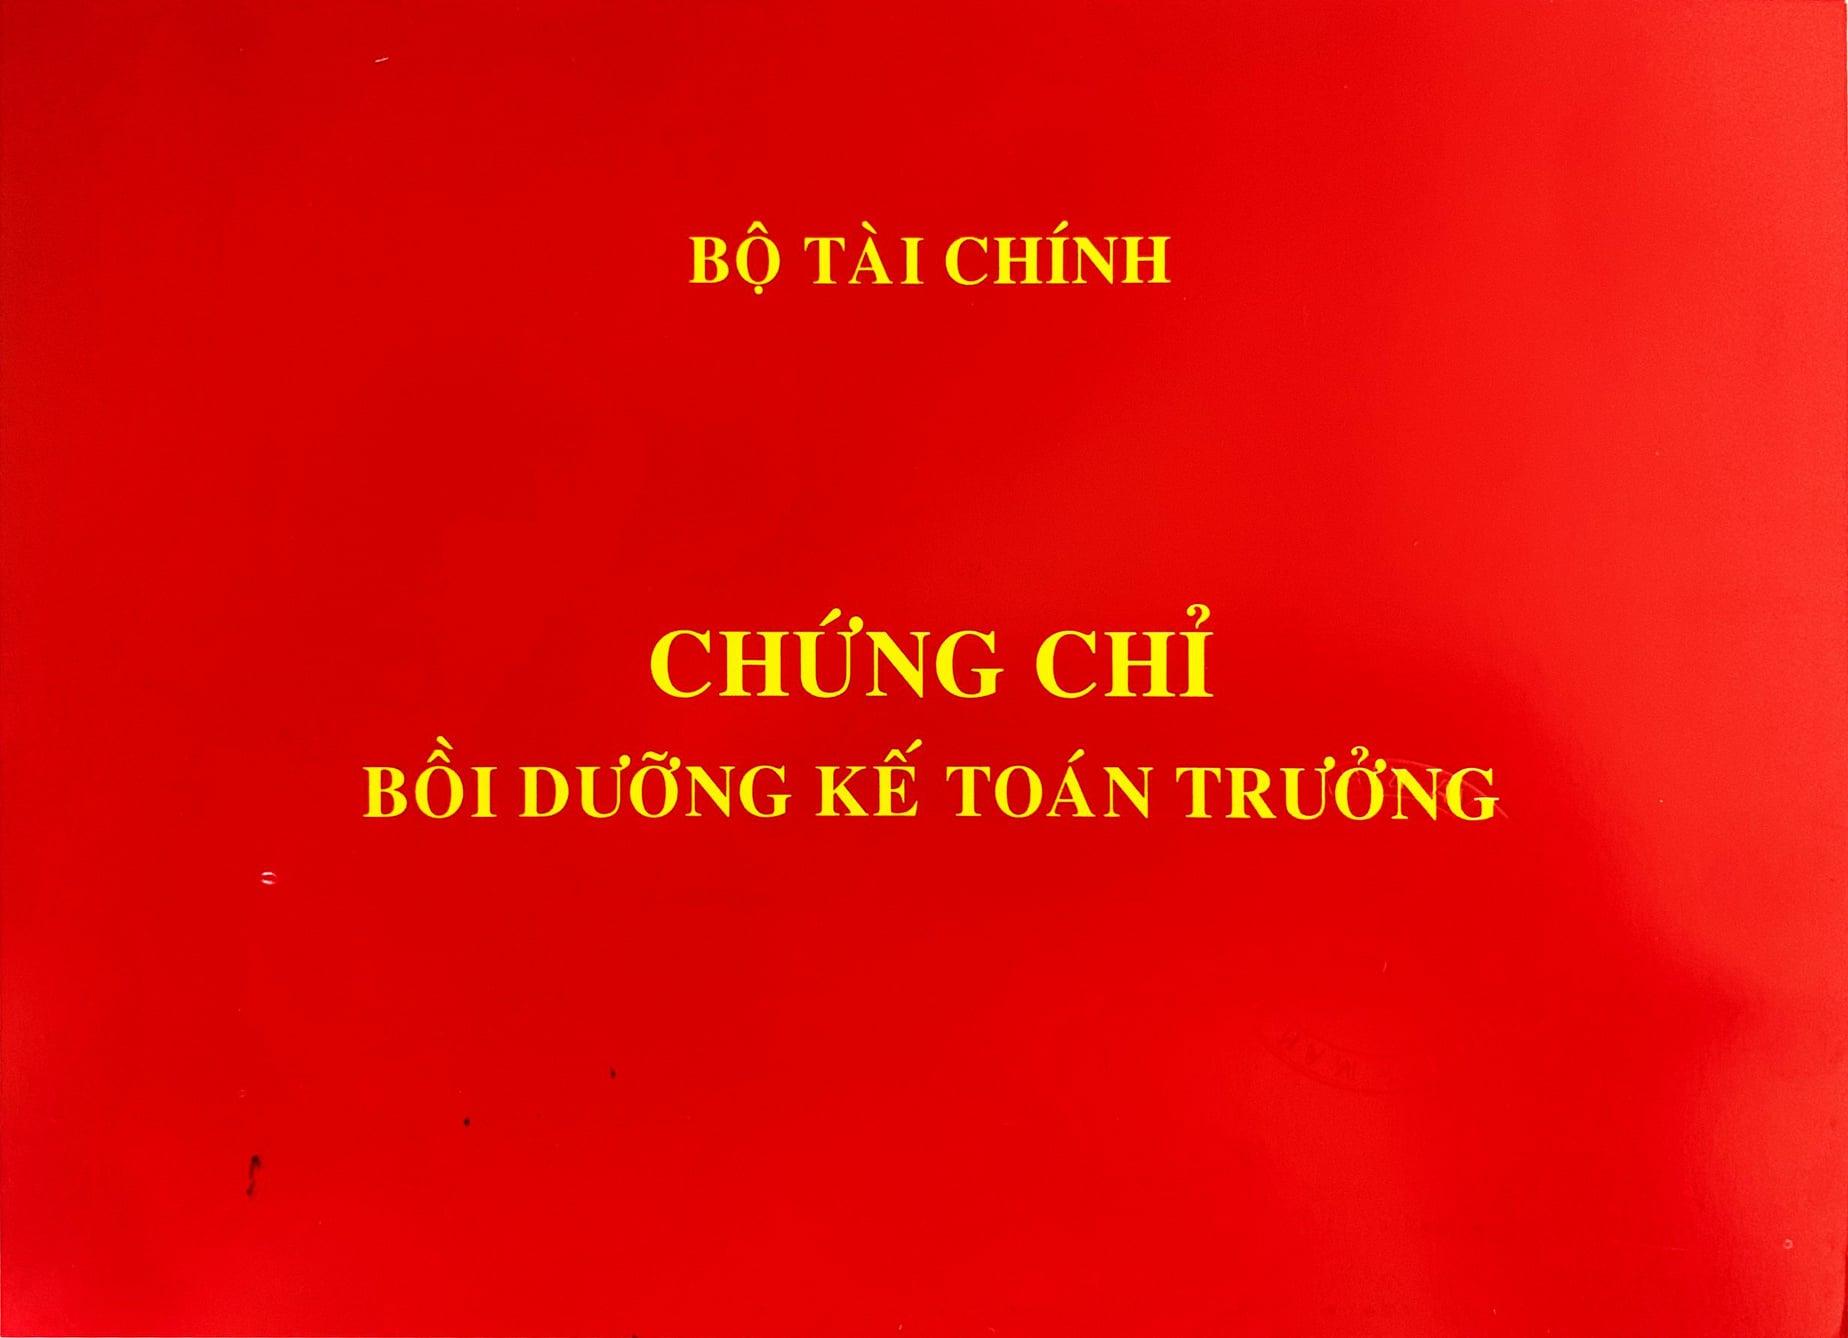 hoc-chung-chi-ke-toan-truong